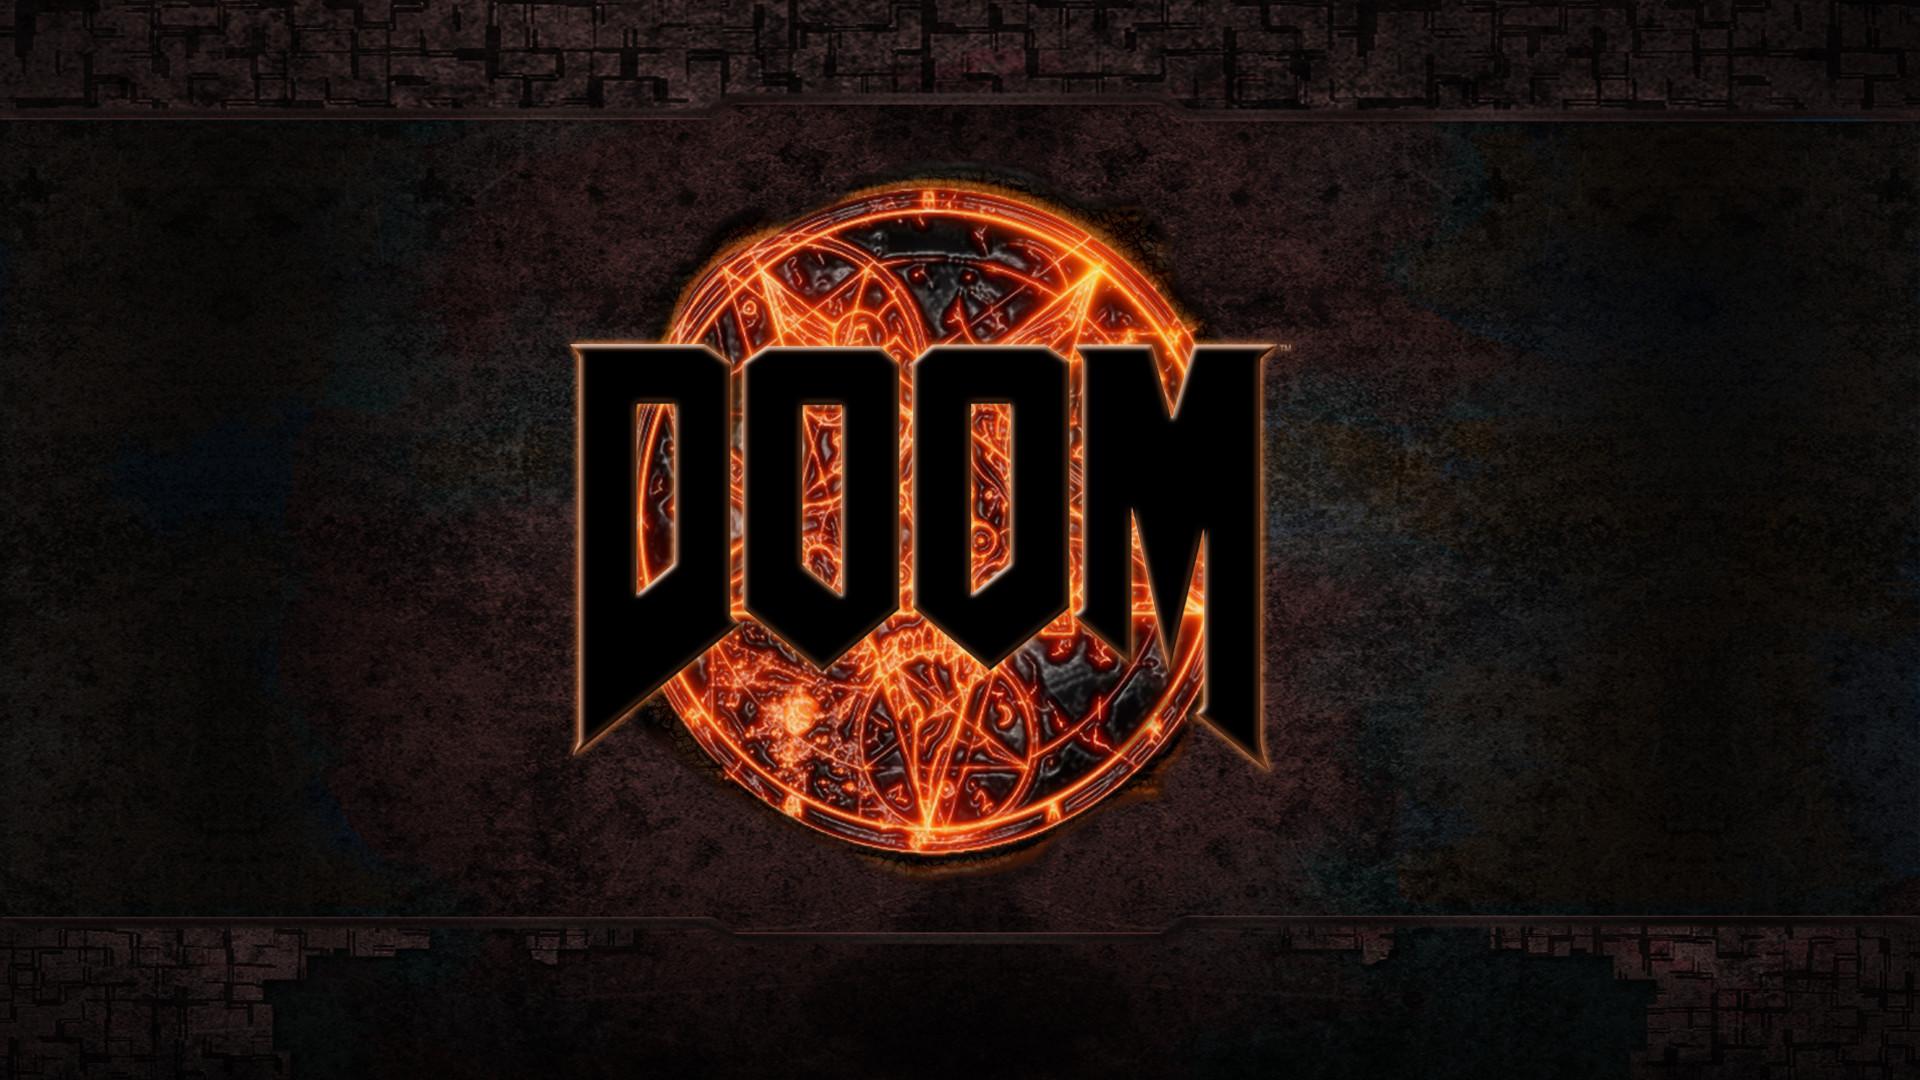 Doom Wallpaper, Games: Doom , Action, Shooter, Horror, Sci Fi 1920×1080 Doom  4 Wallpapers (34 Wallpapers) | Adorable Wallpapers | Desktop | Pinterest …